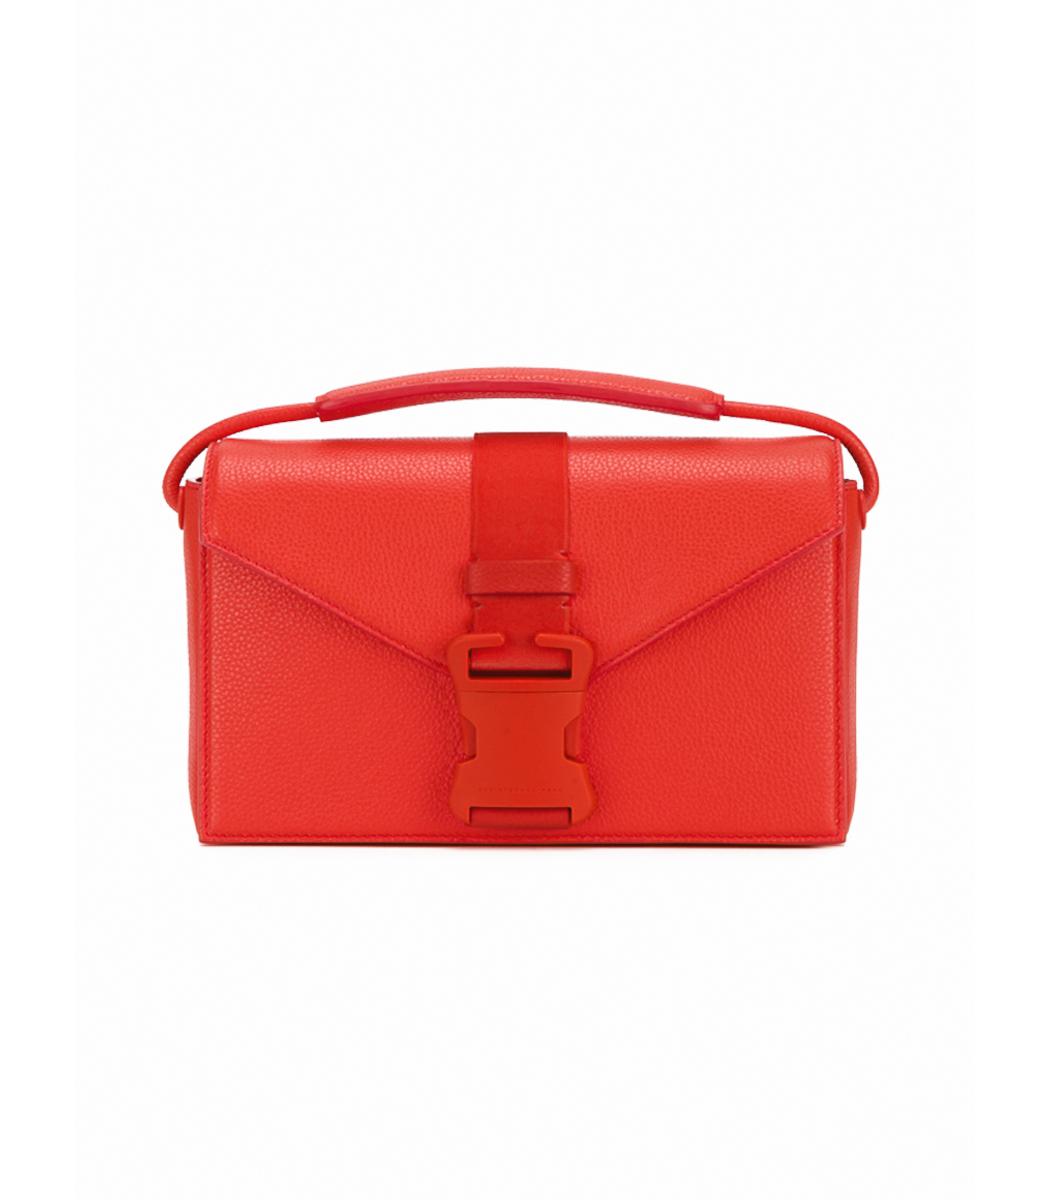 Devine Patent-leather Shoulder Bag - Red Christopher Kane NQnQH84c